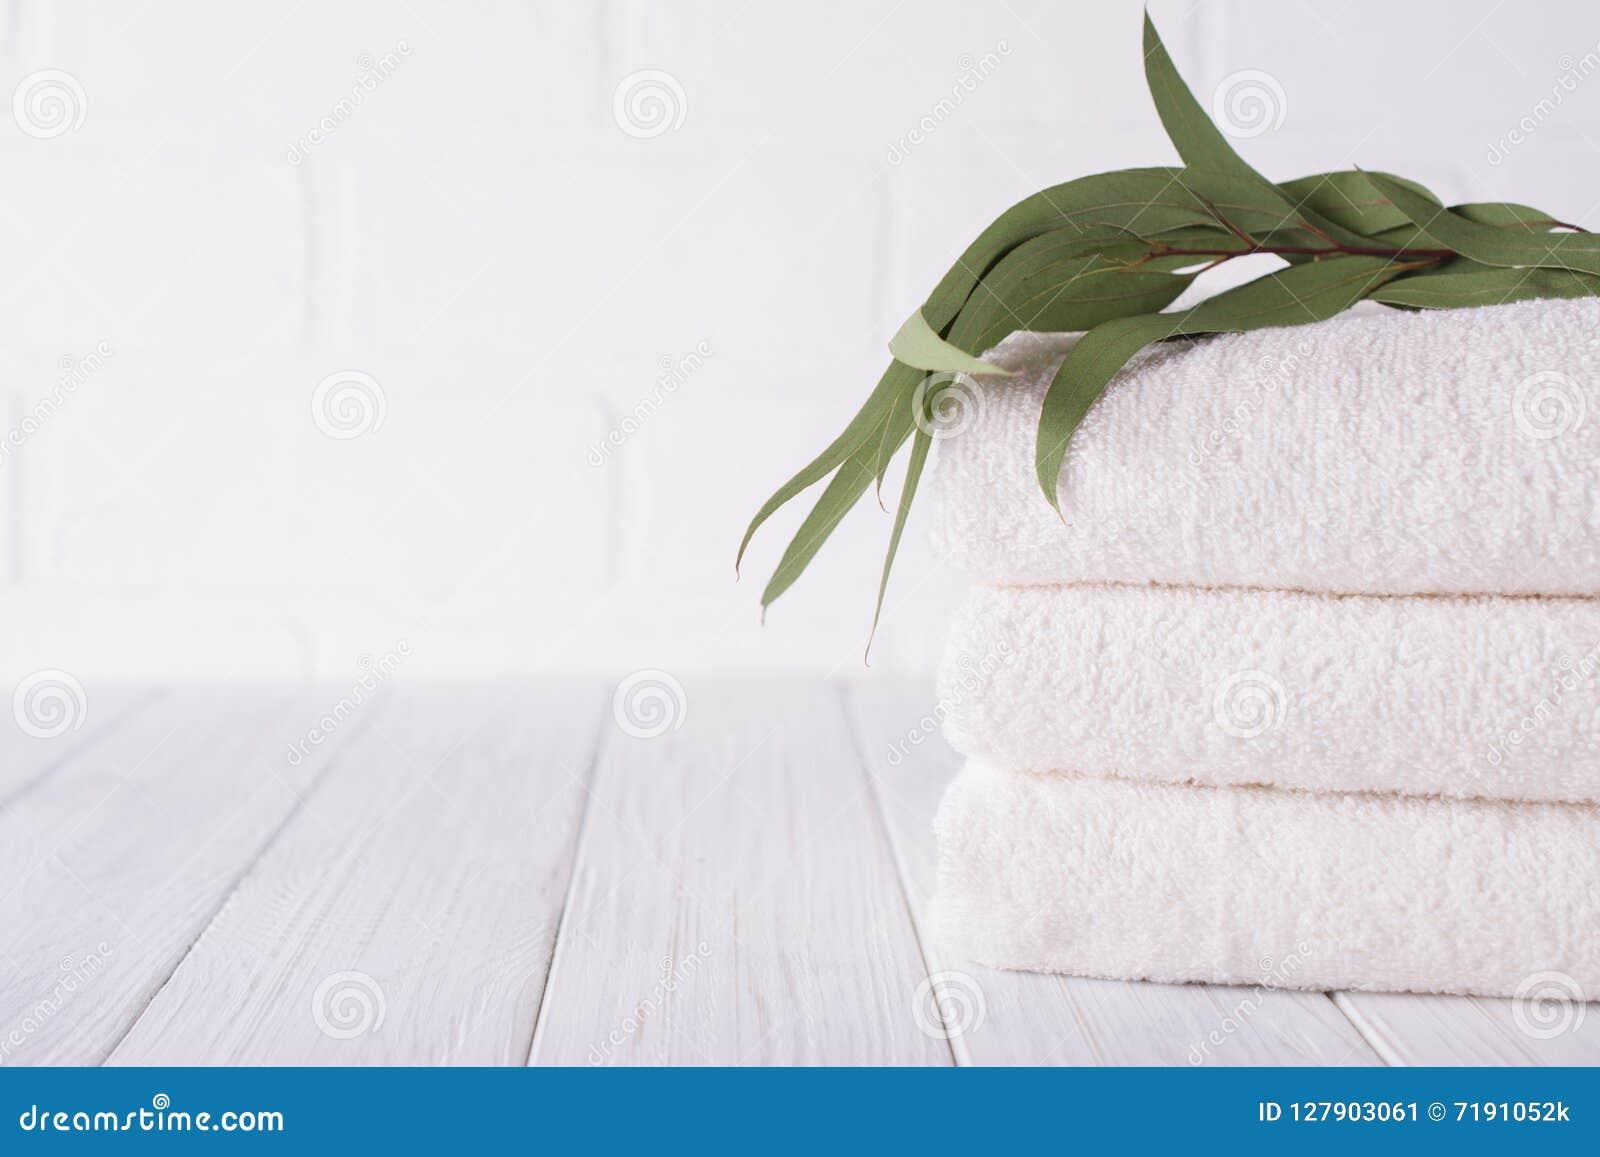 Zdroju skład na drewnianym stole Sterta trzy białego puszystego kąpielowego ręcznika z eukaliptus gałąź